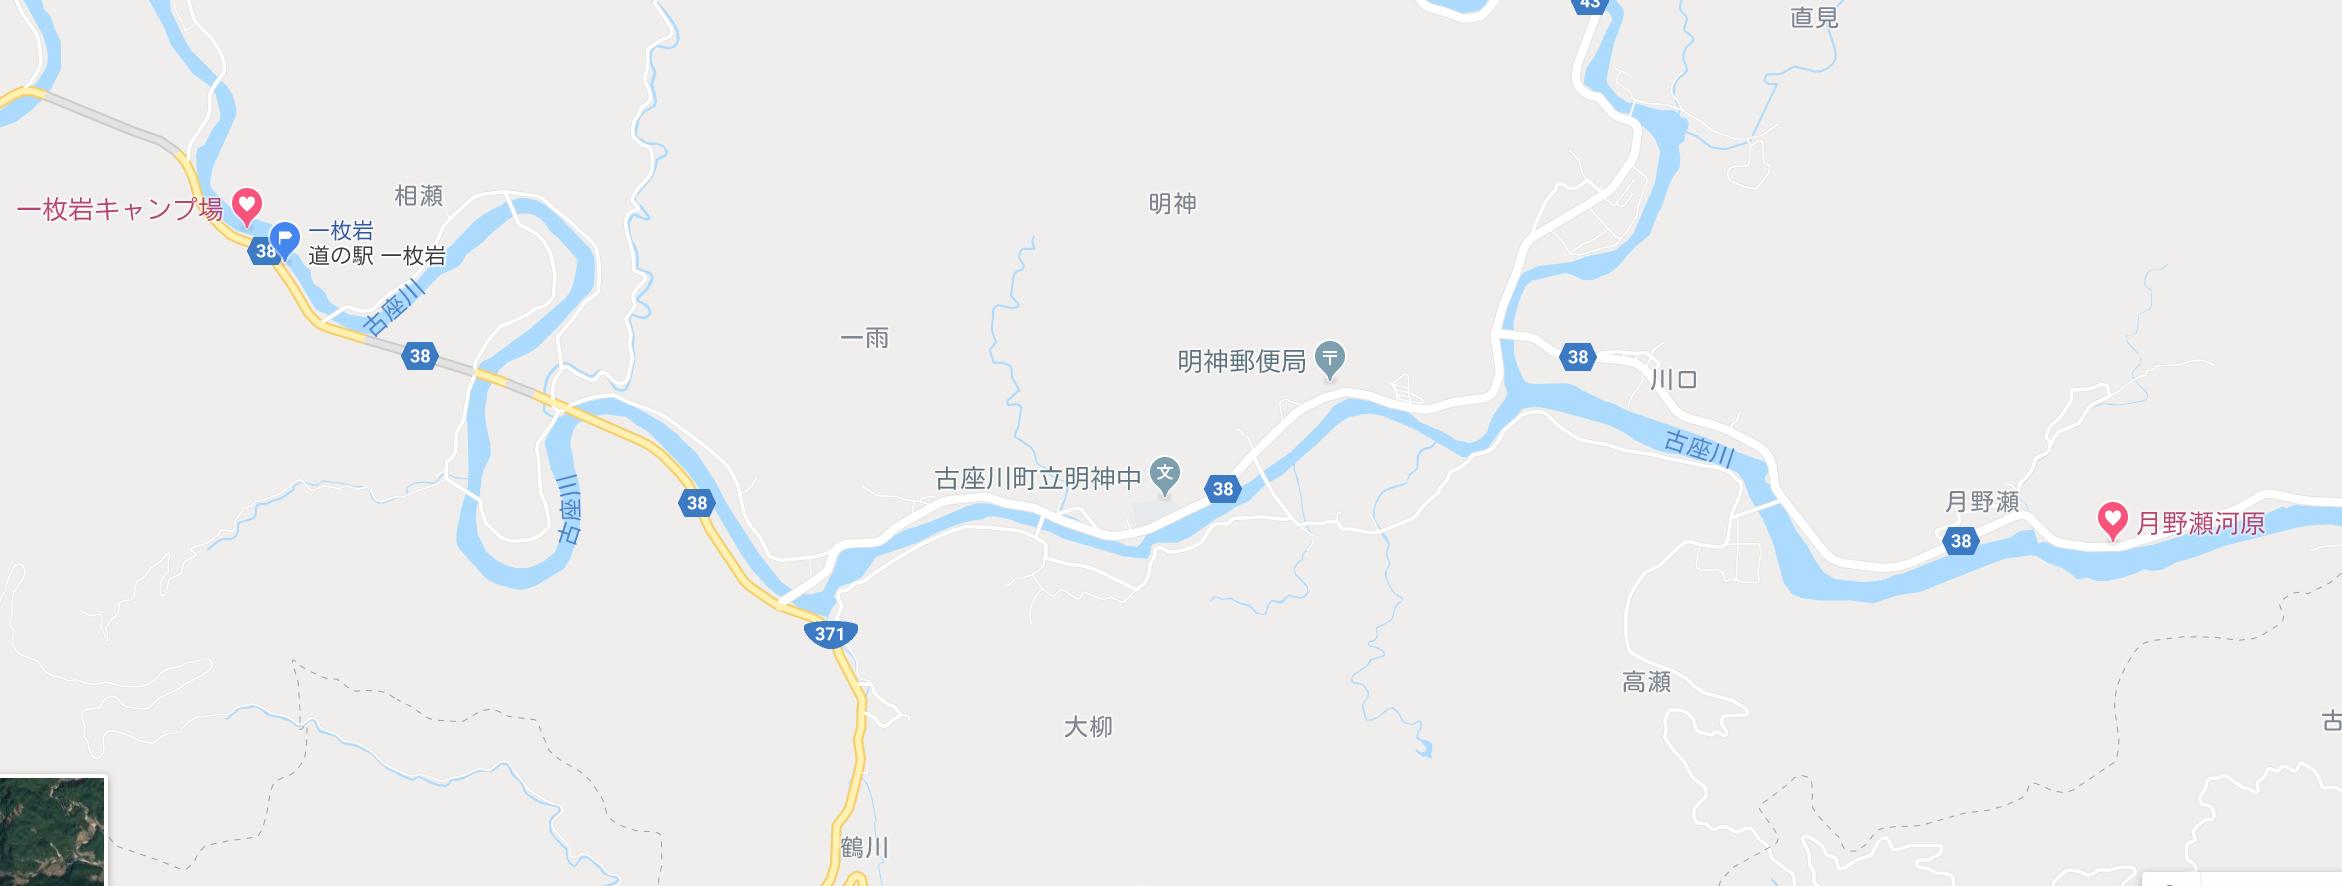 古座川川下りルート